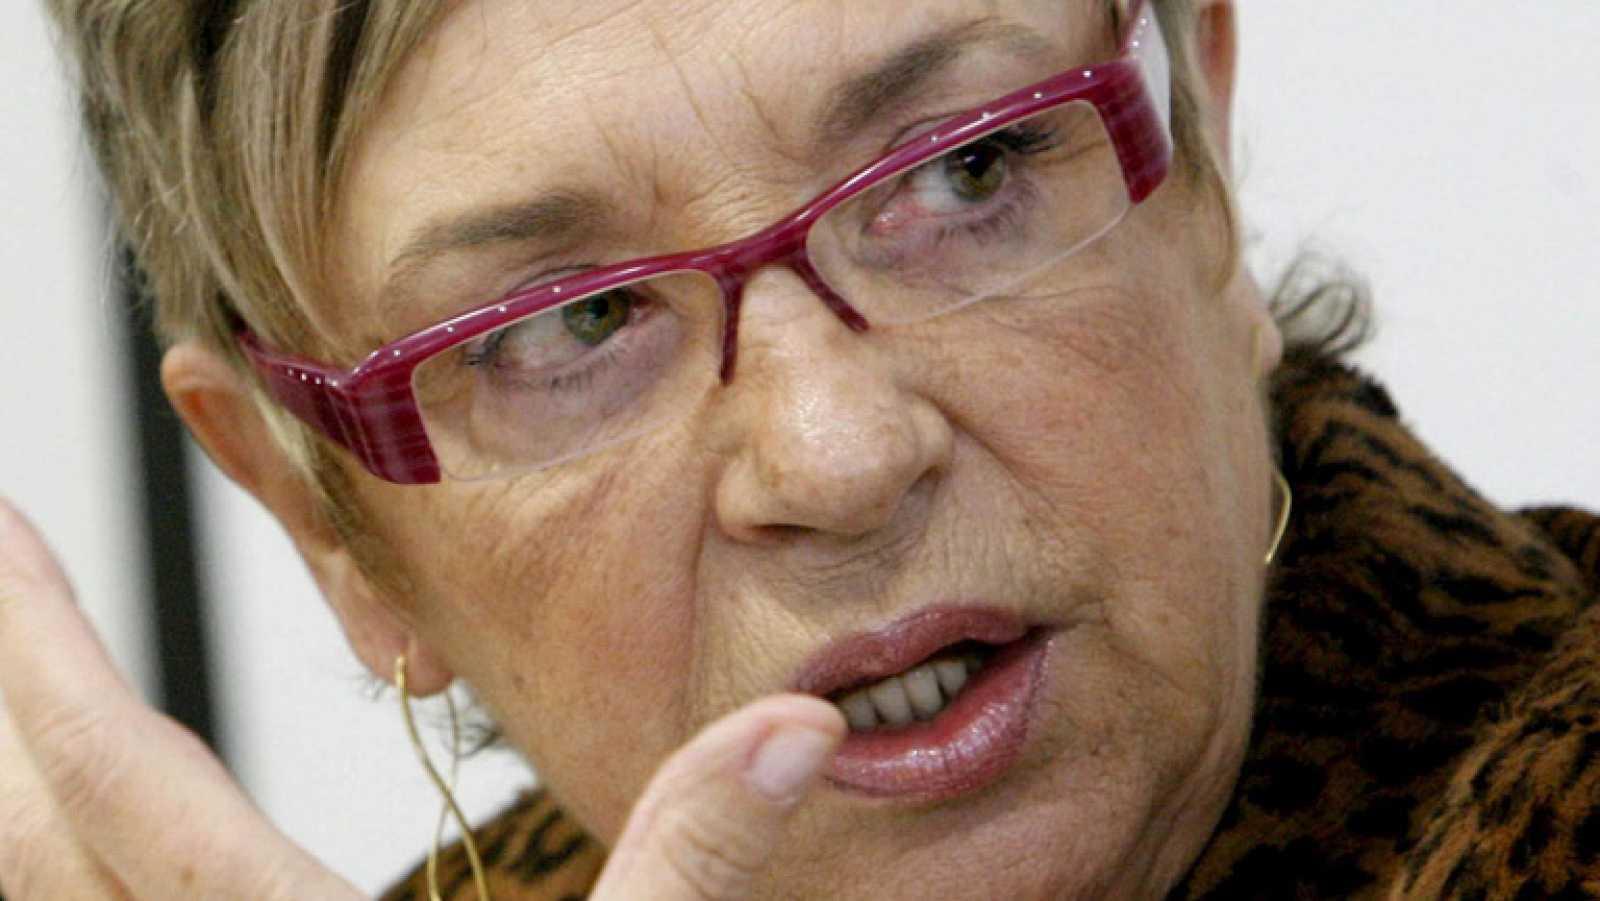 """Rosalía Mera, cofundadora de Inditex, continúa en situación de """"extrema gravedad"""""""